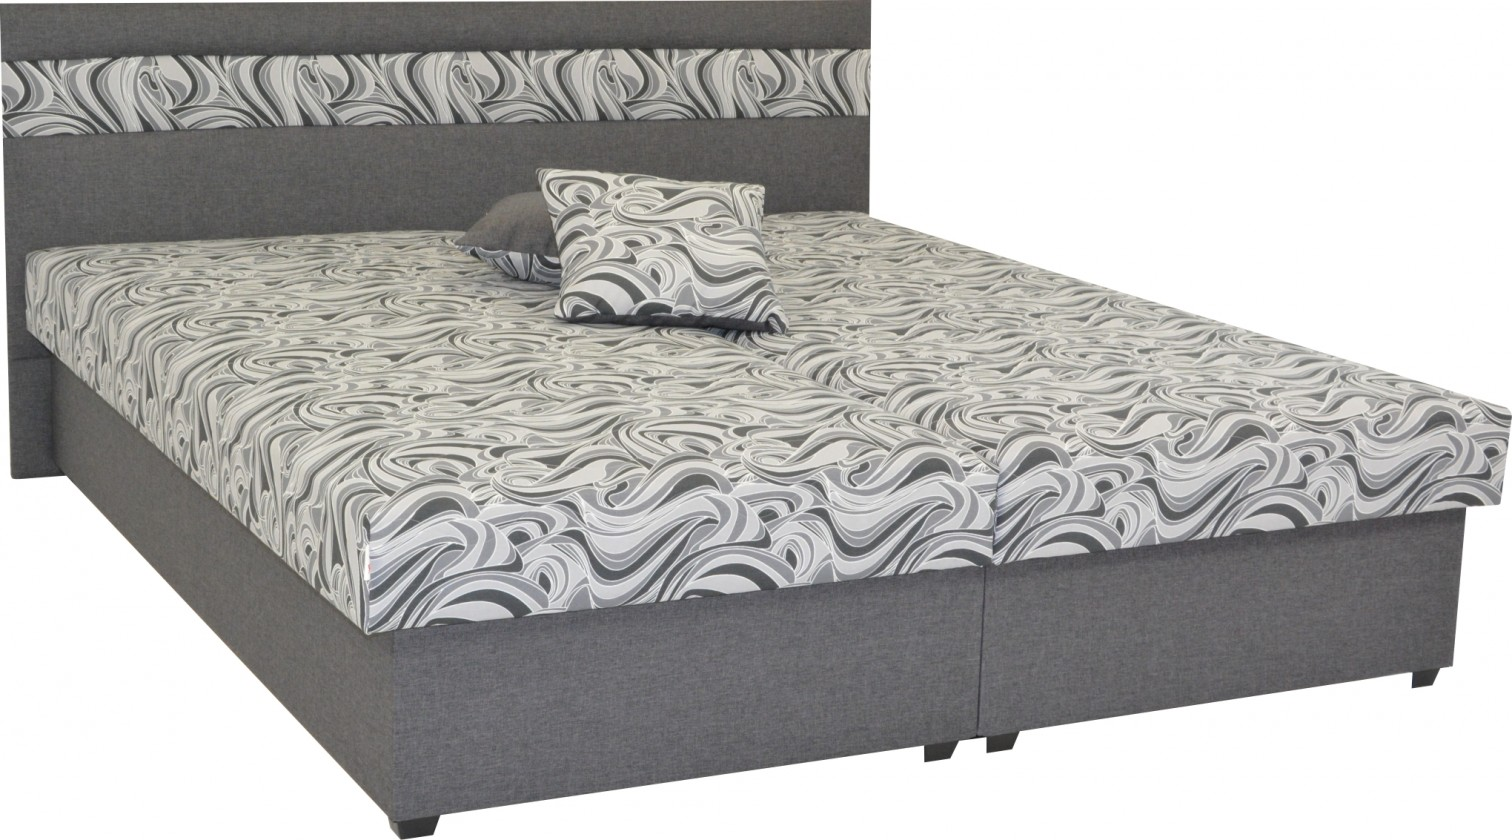 Čalouněné postele Čalouněná postel Mexico 160x200, šedá, včetně úp